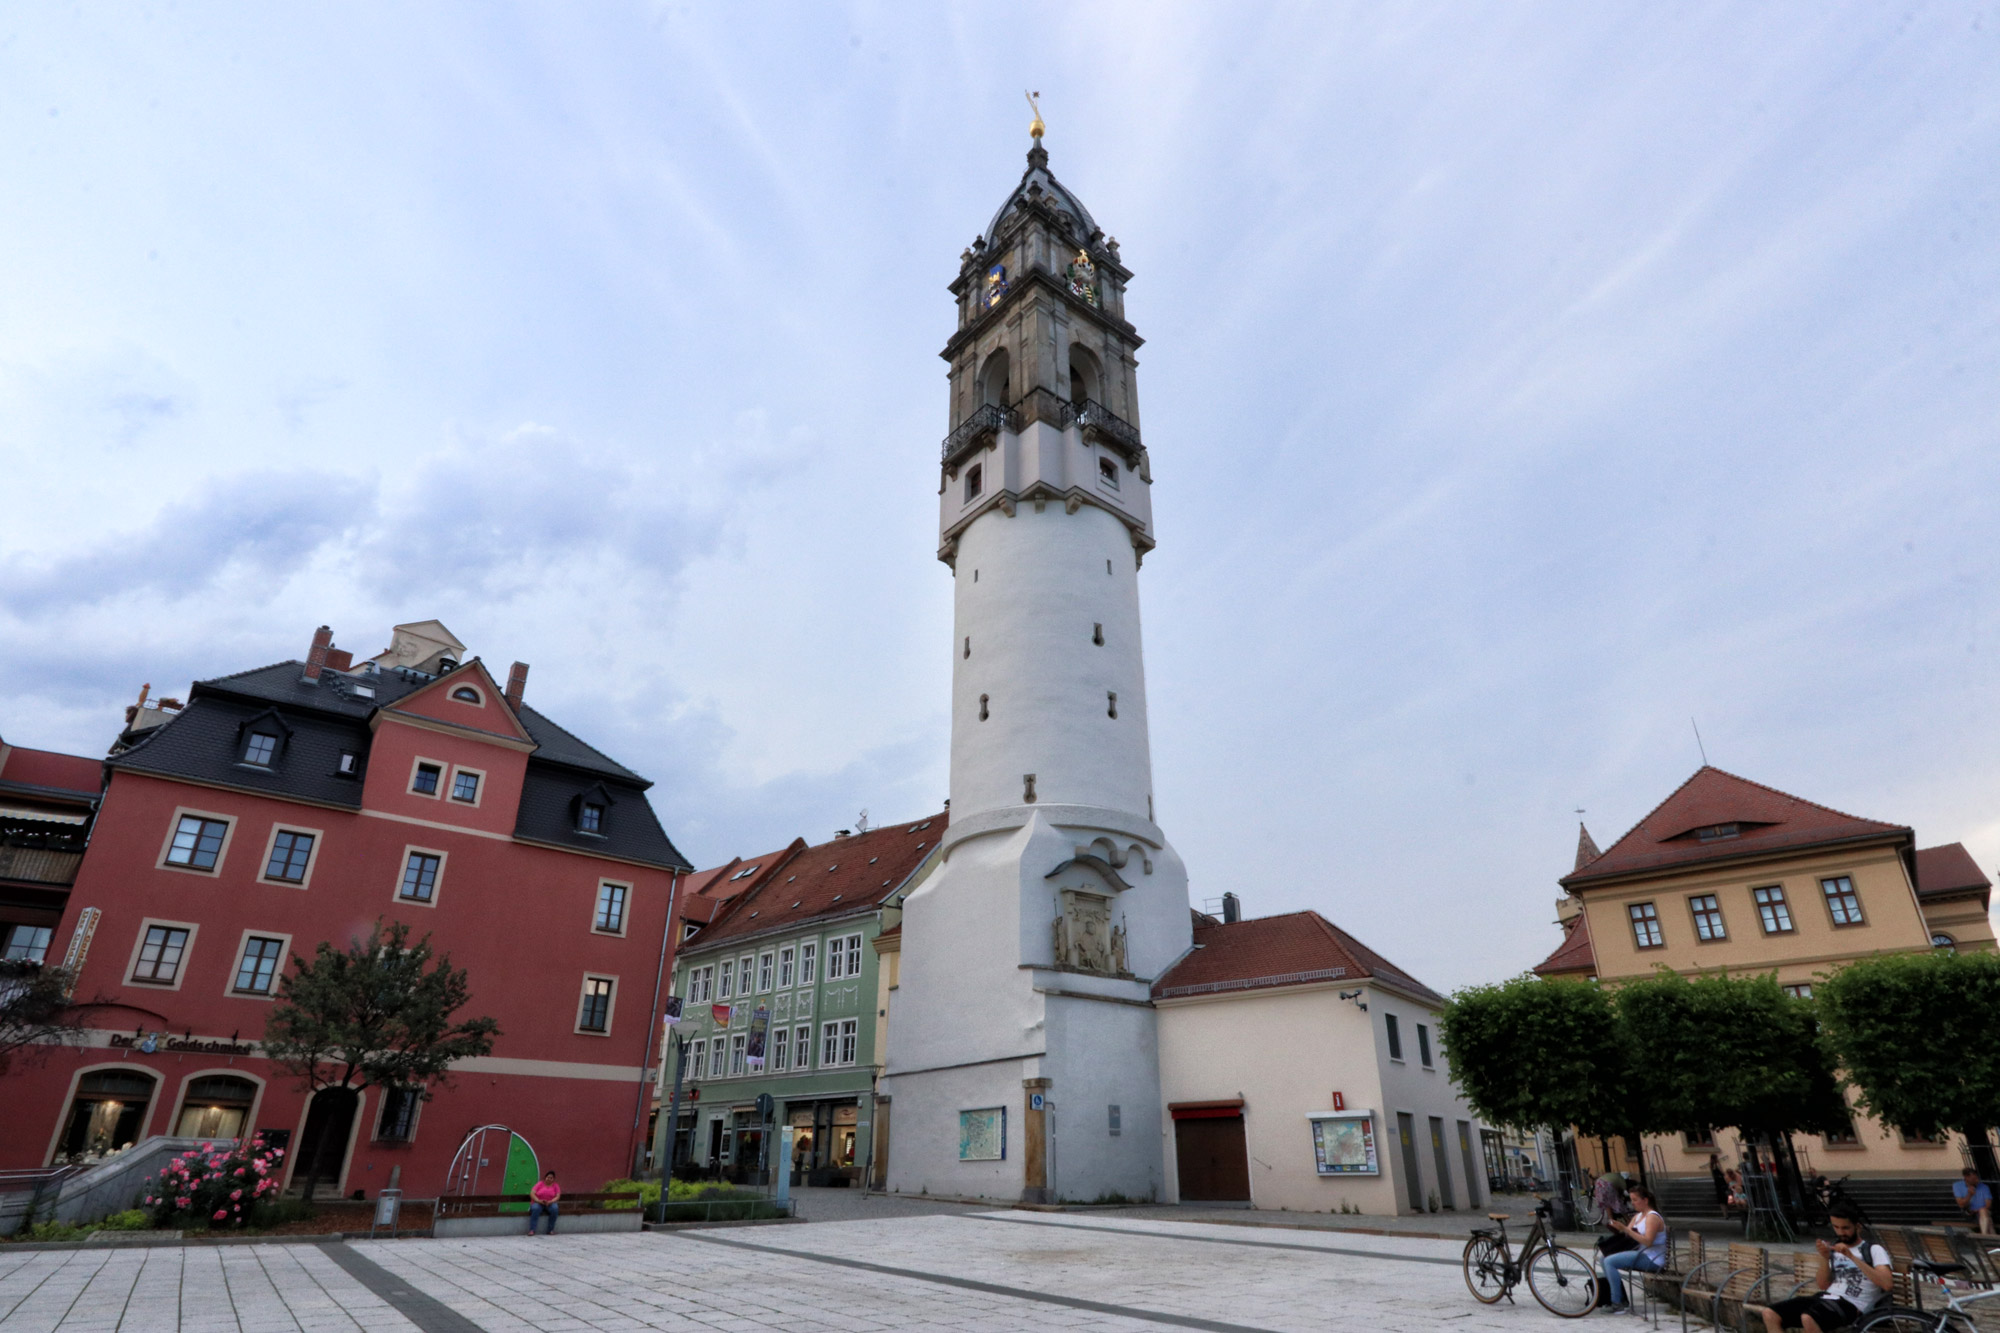 Bautzen - Reichenturm